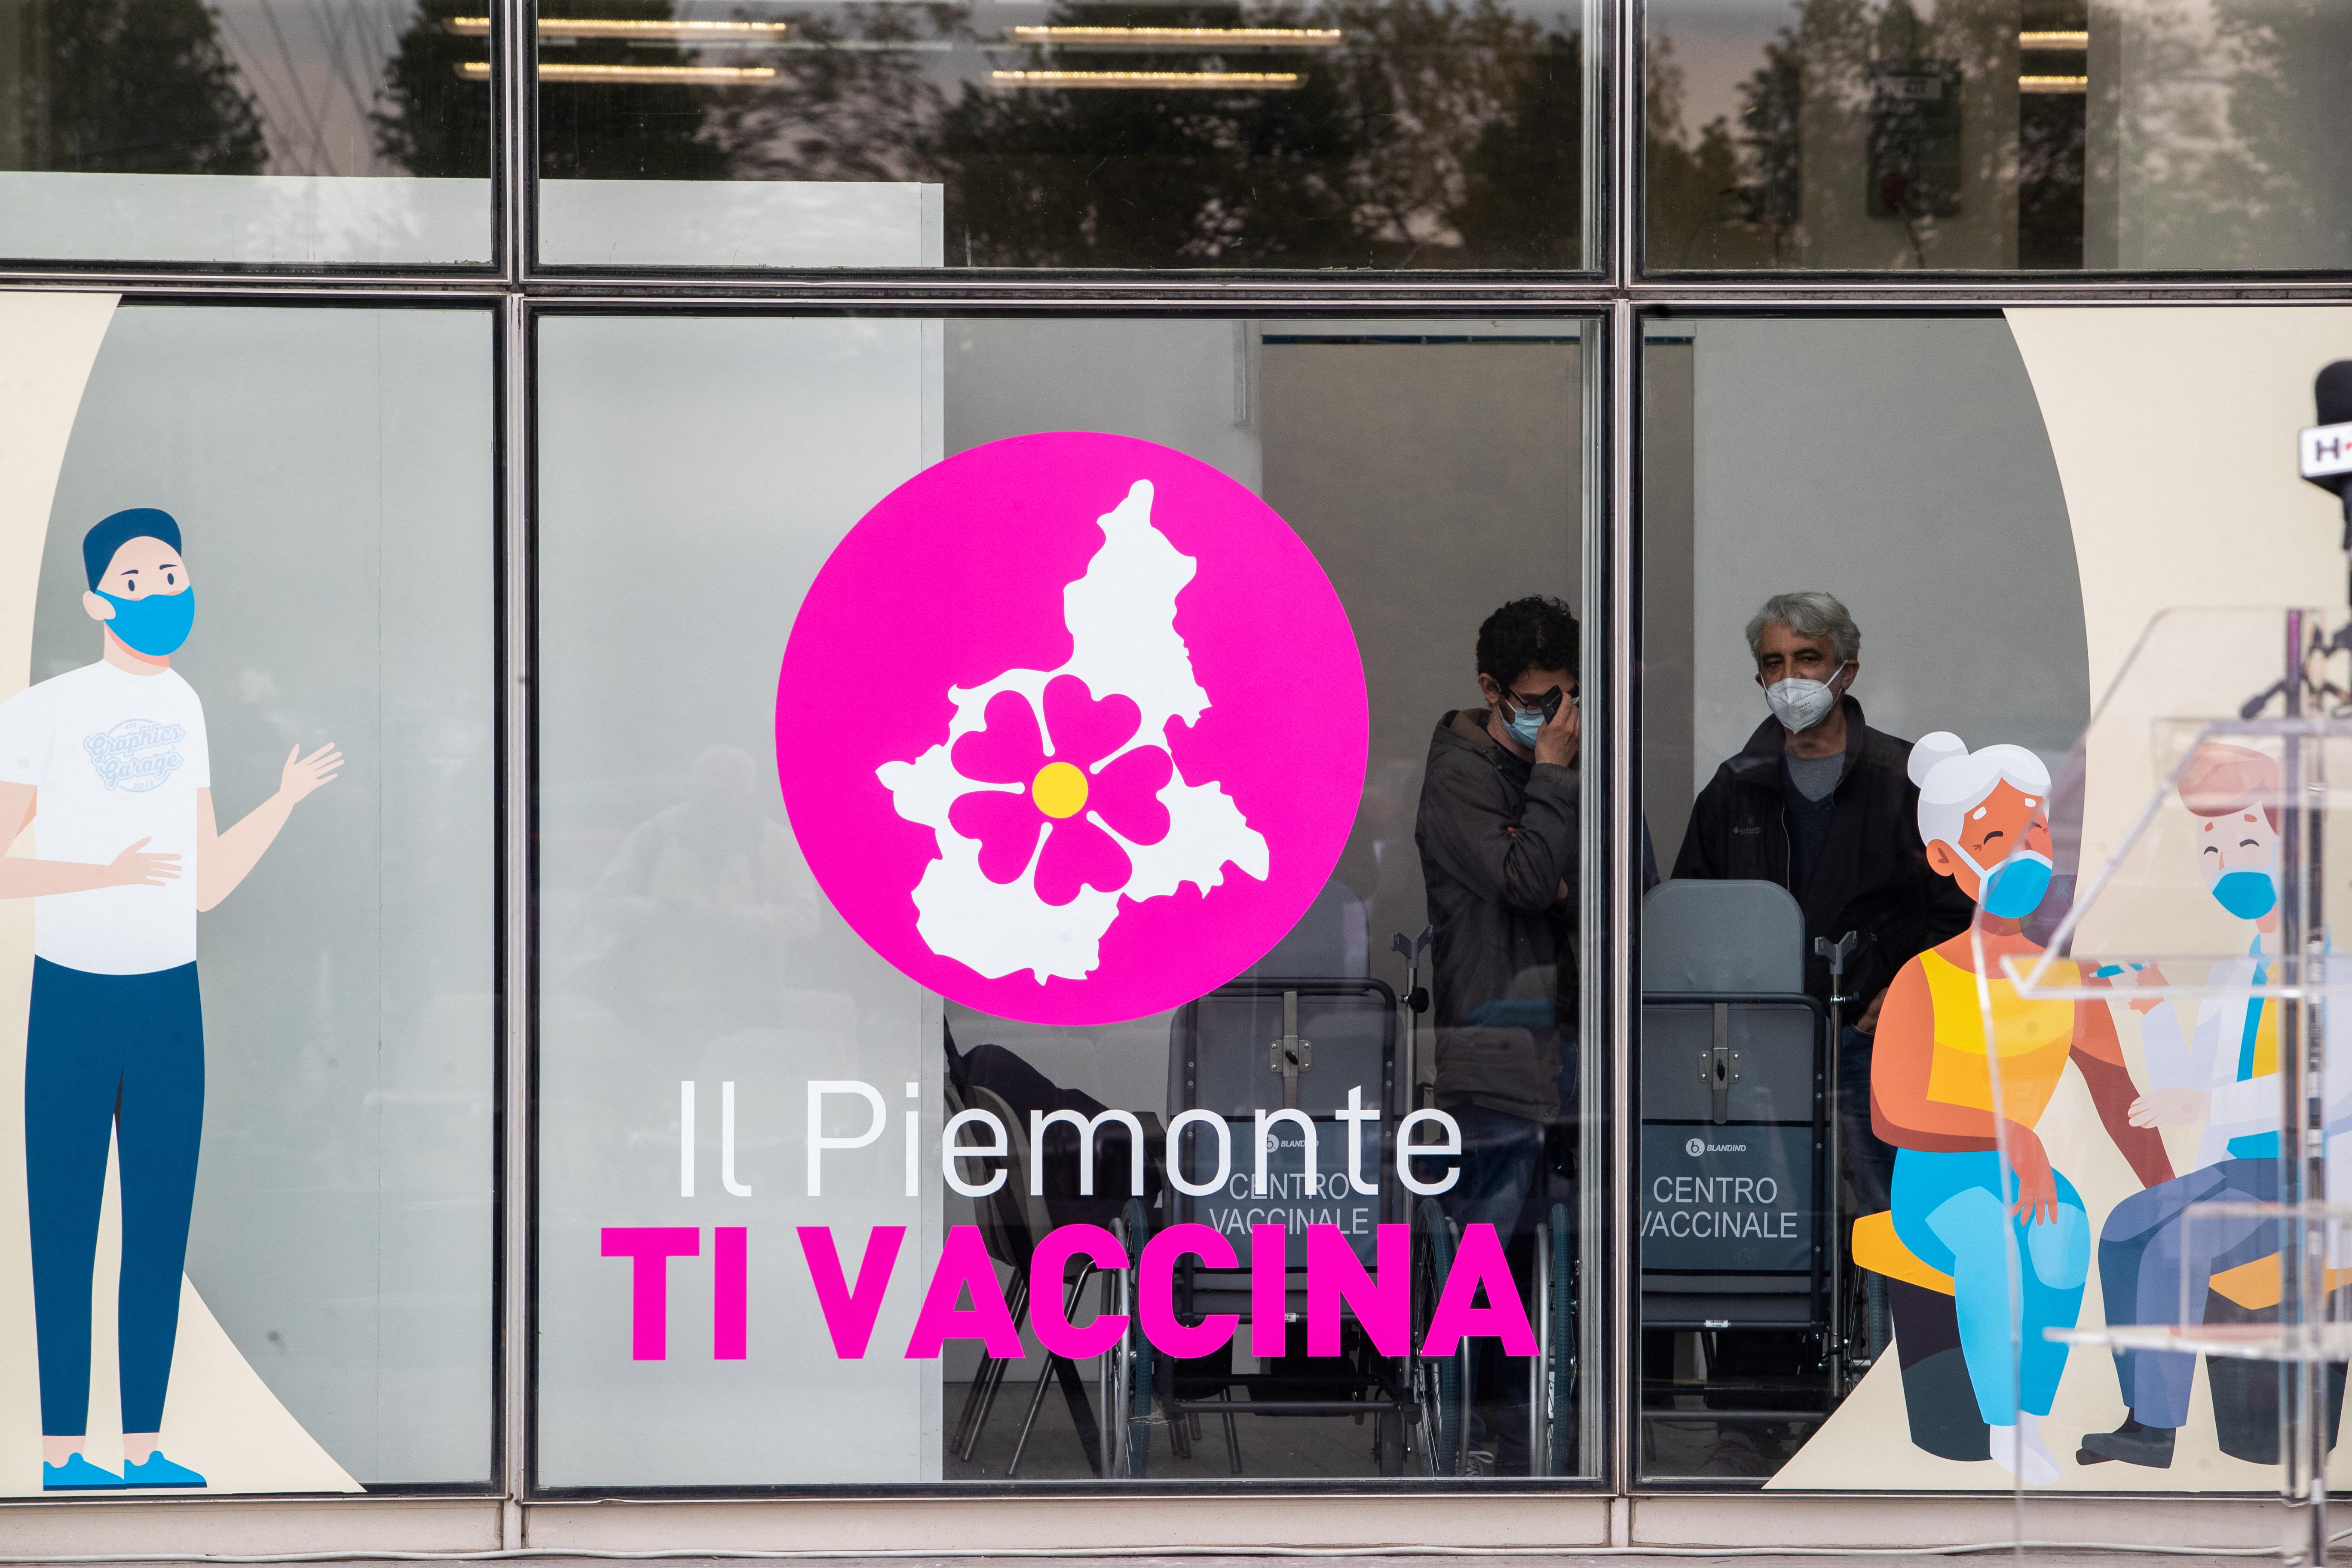 Olaszországban háromszáz egészségügyi dolgozó perel, amiért kötelezővé tették számukra az oltást